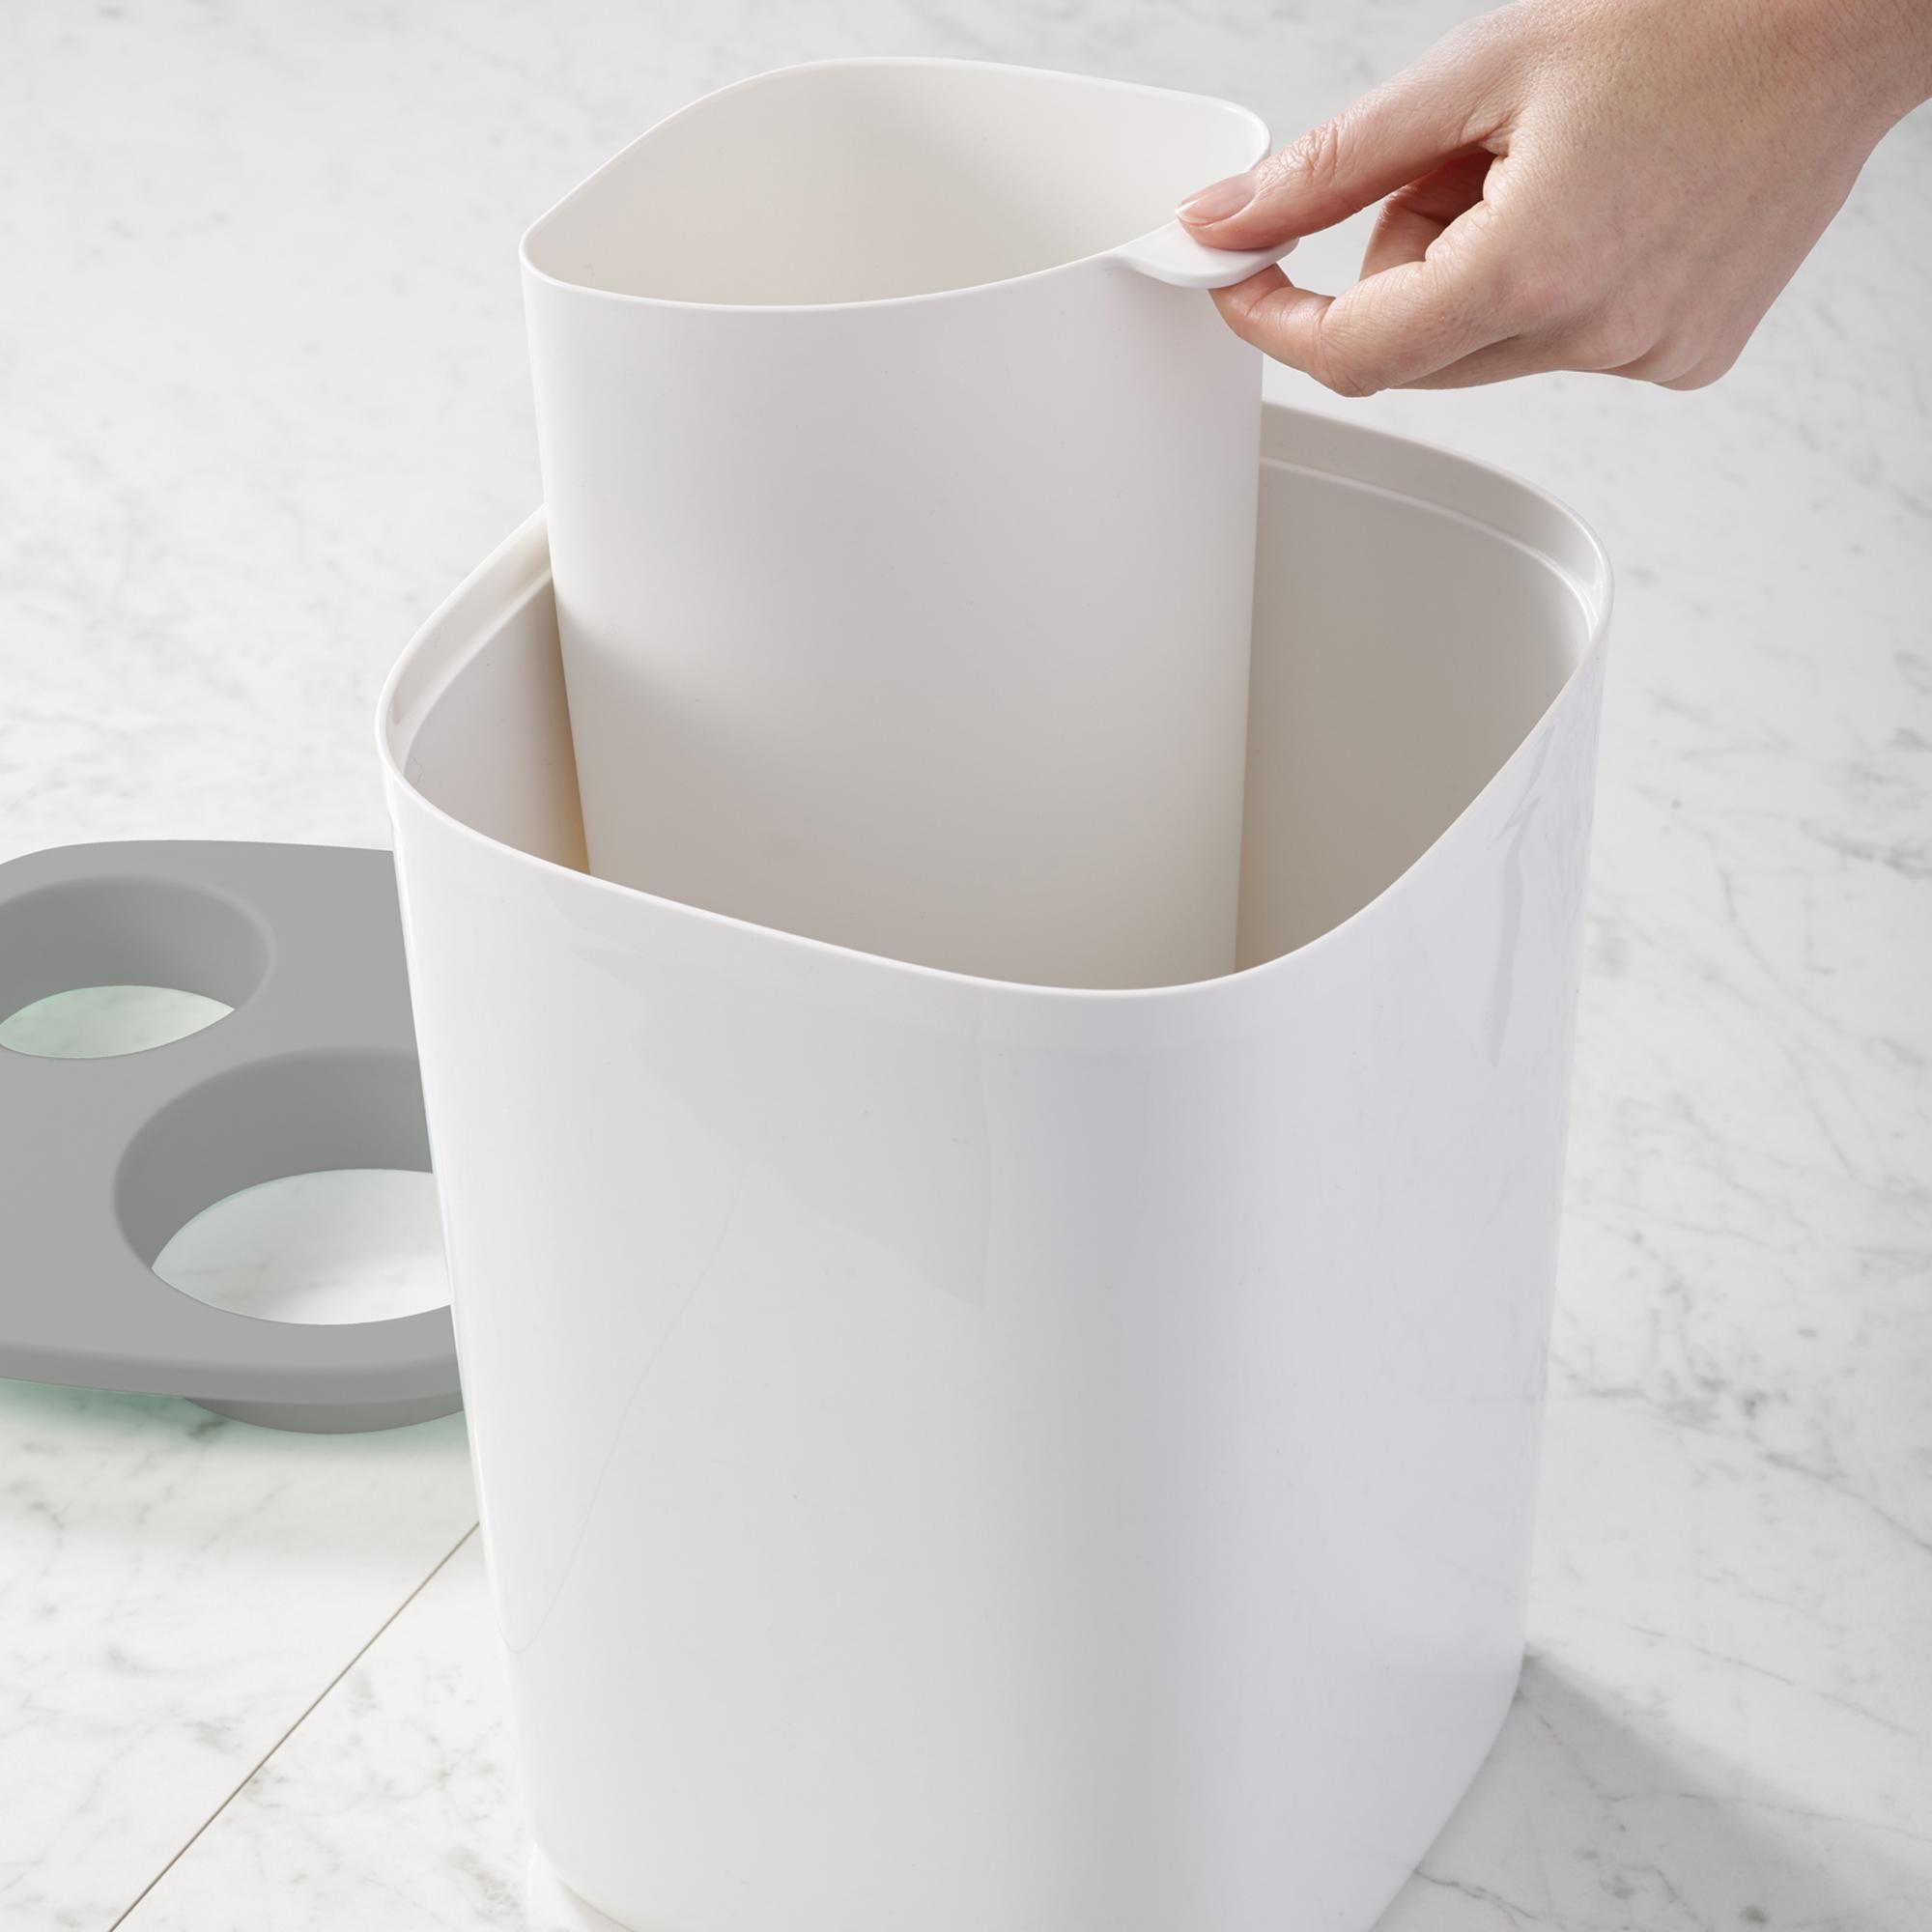 Joseph Joseph Grey Waste Separation Bin In 2020 Joseph Joseph Recycler Bathroom Bin